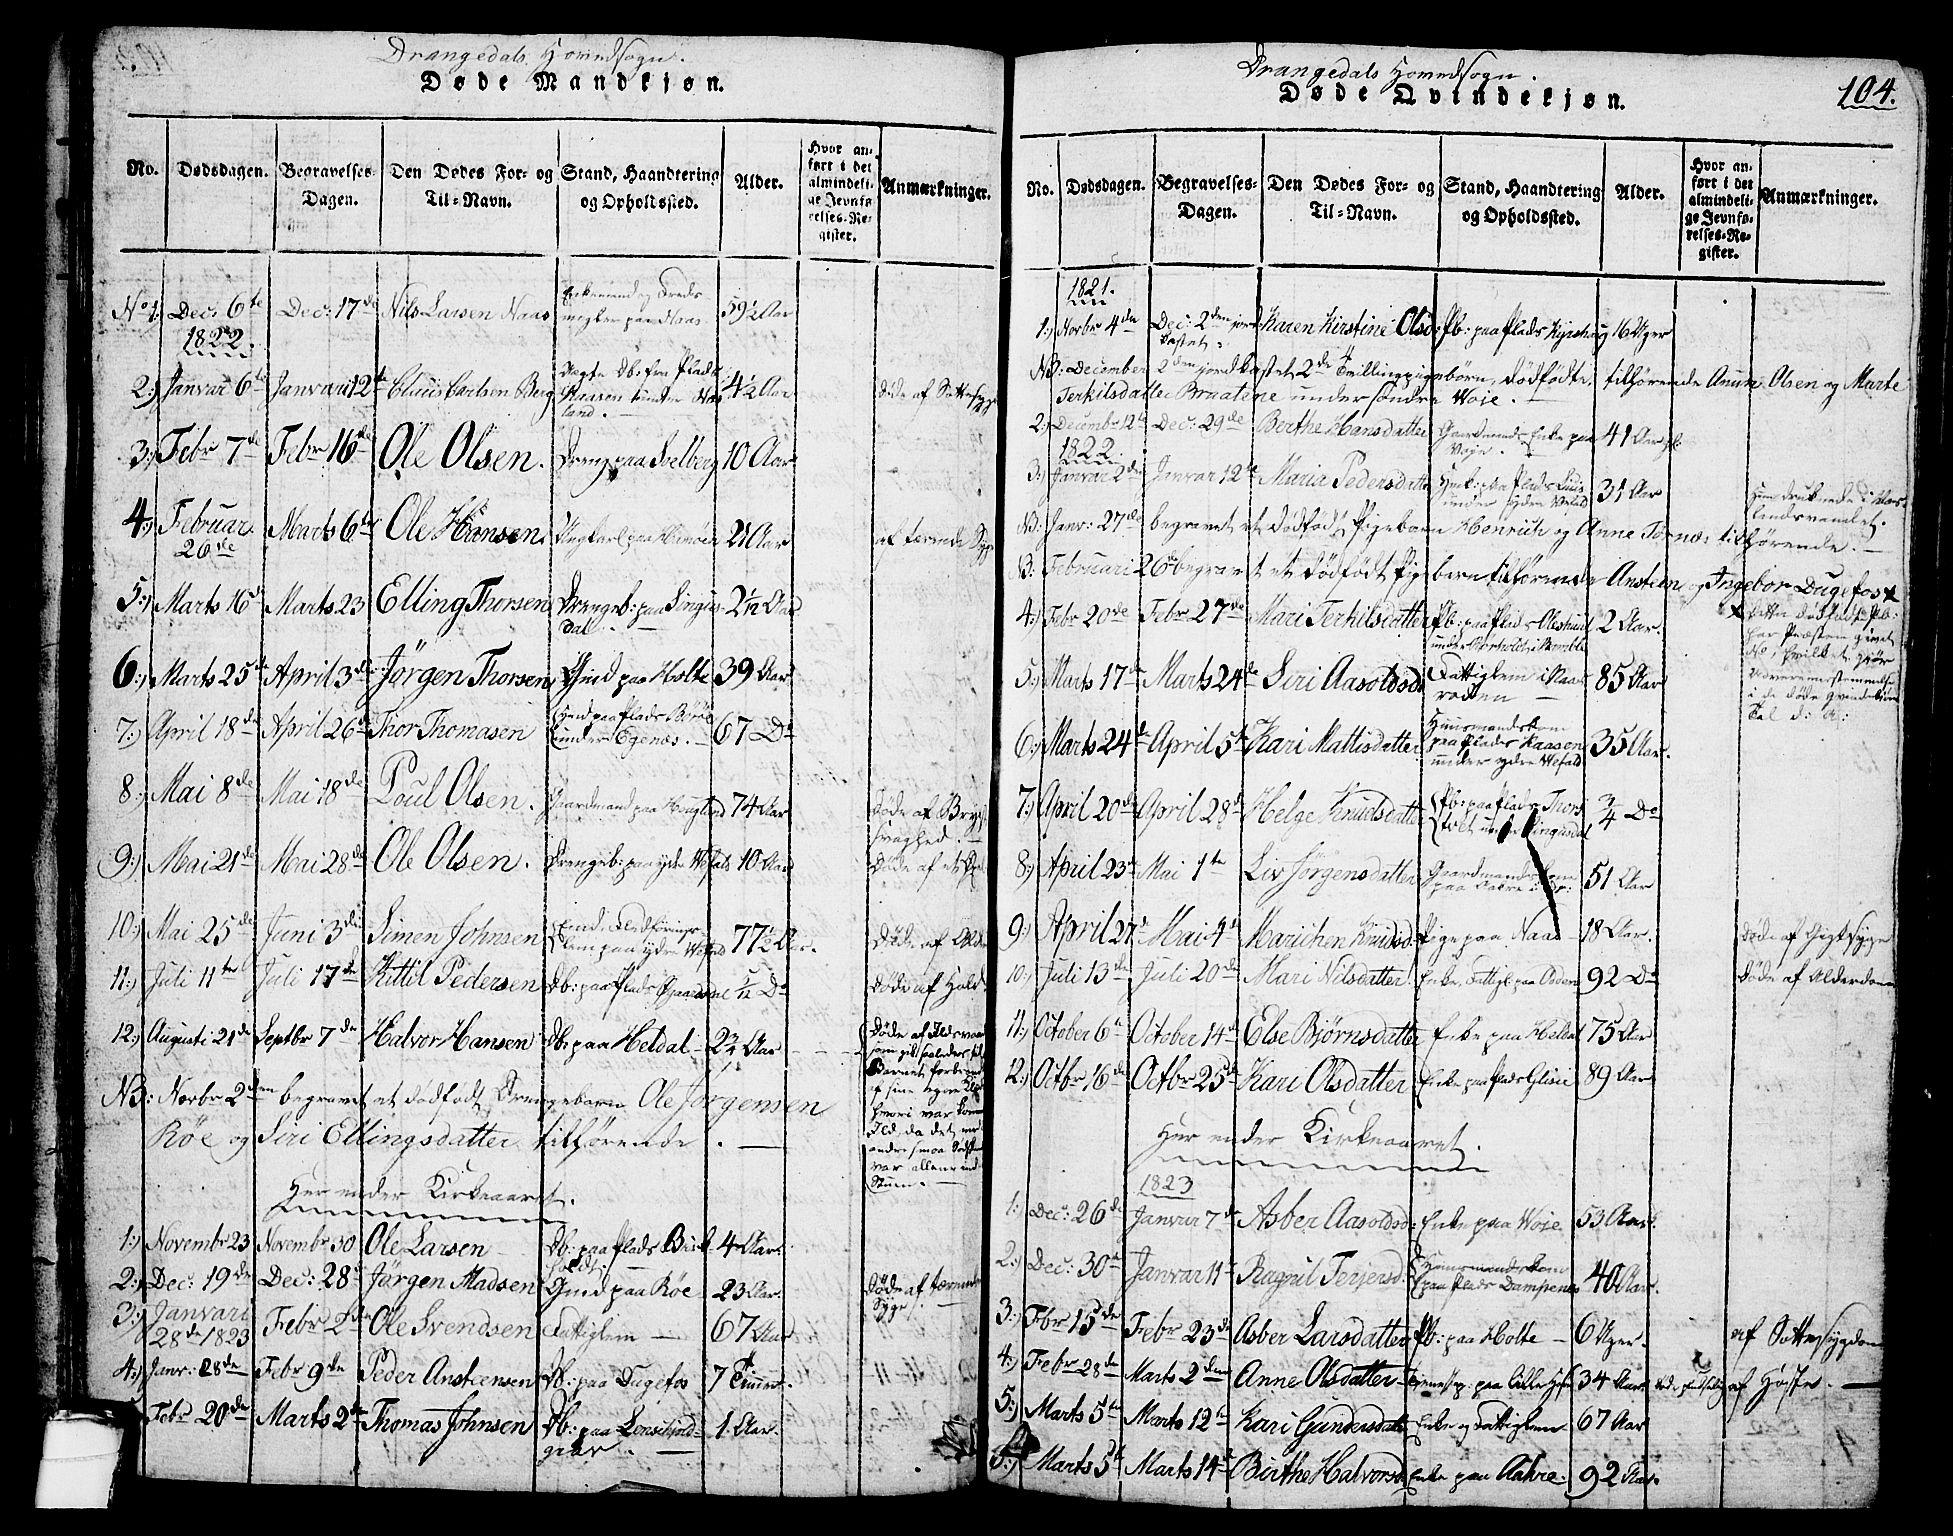 SAKO, Drangedal kirkebøker, G/Ga/L0001: Klokkerbok nr. I 1 /1, 1814-1856, s. 104